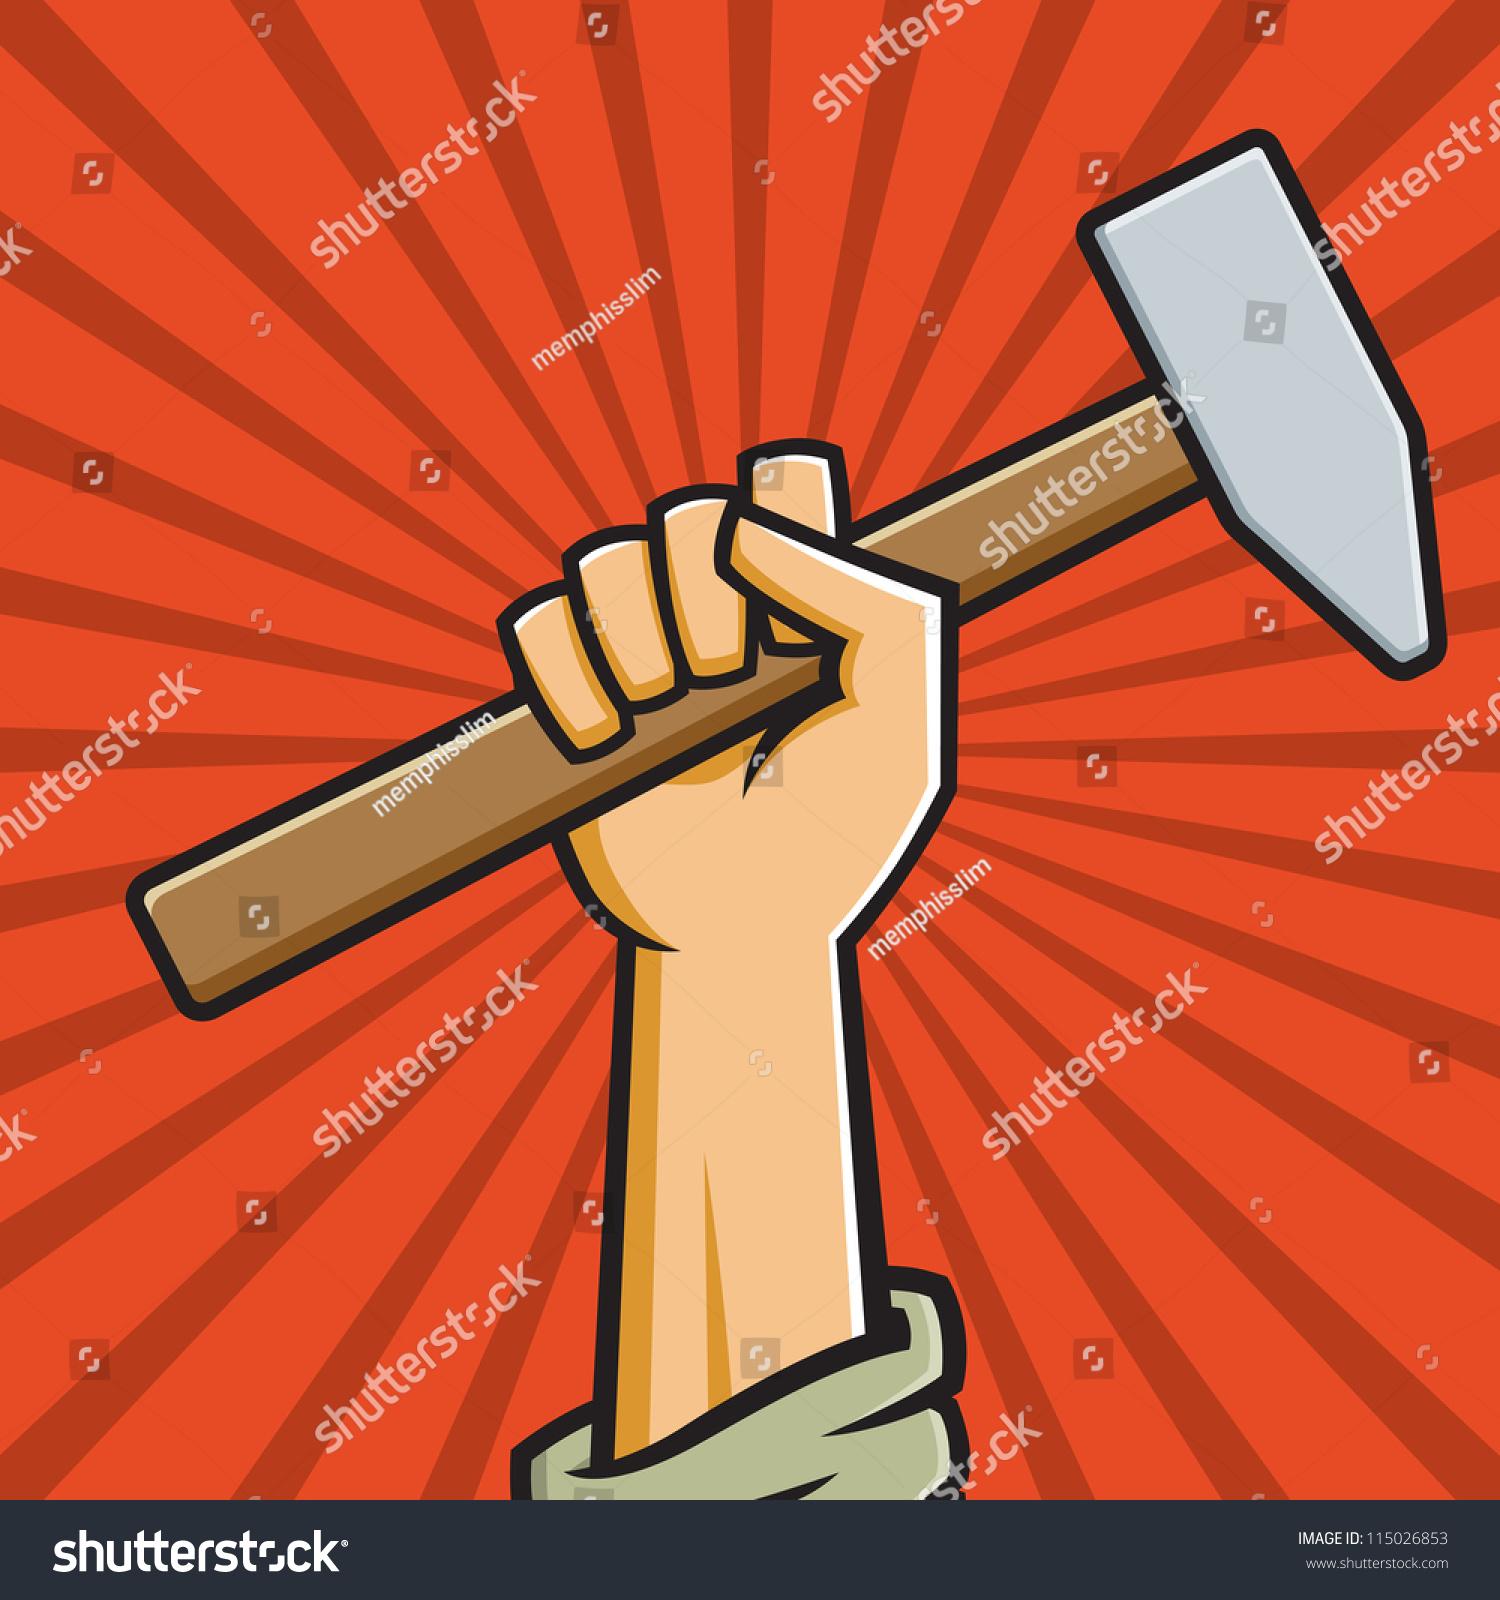 矢量图的拳头拿着锤子俄罗斯风格的建构主义的宣传海报.